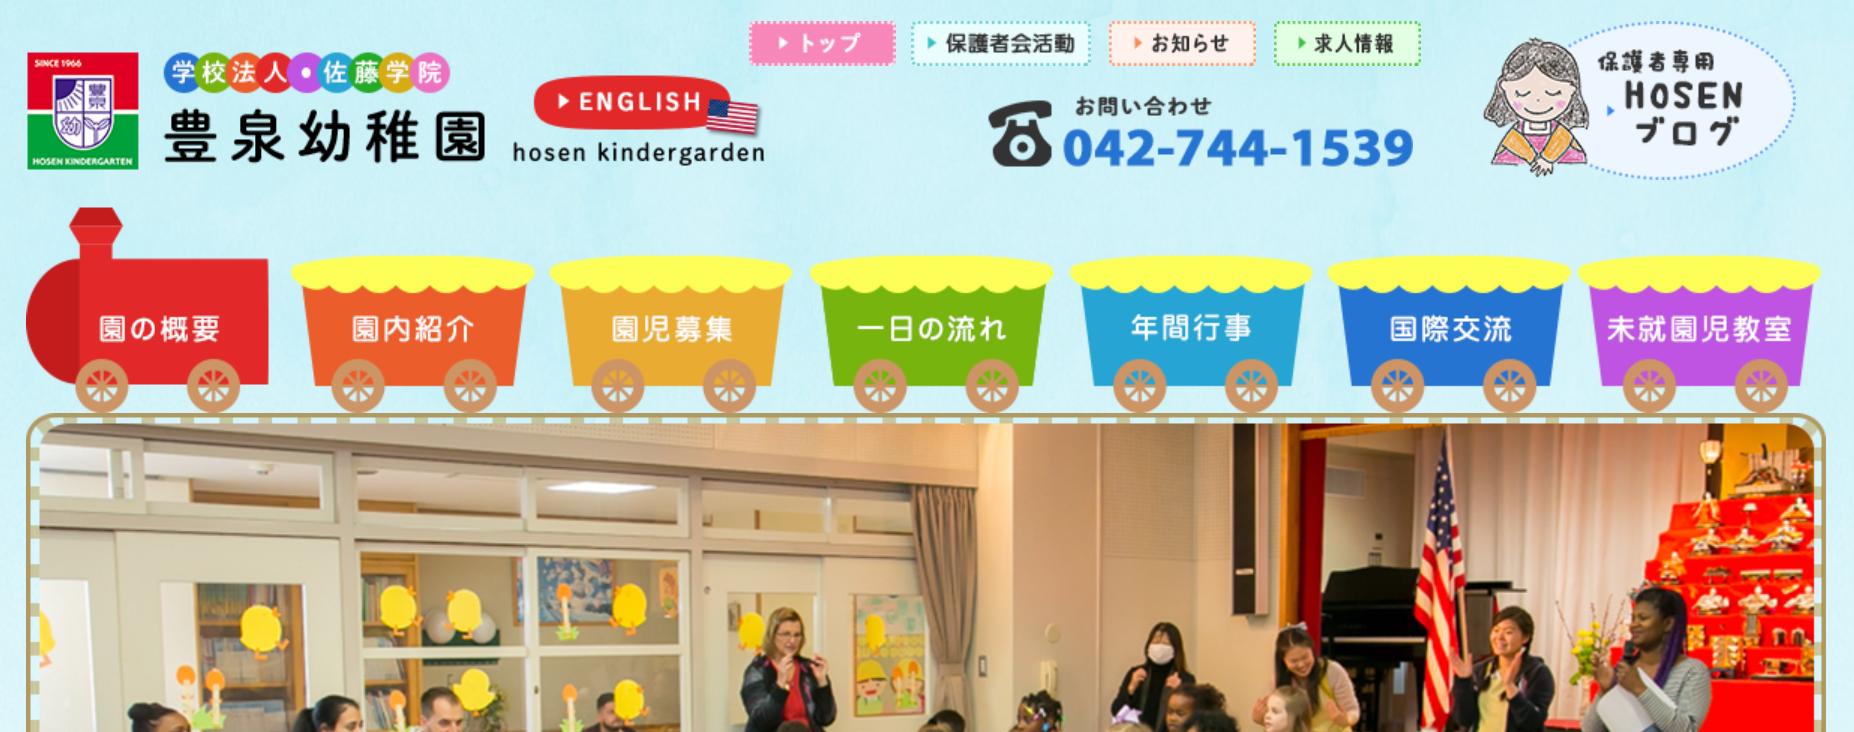 豊泉幼稚園